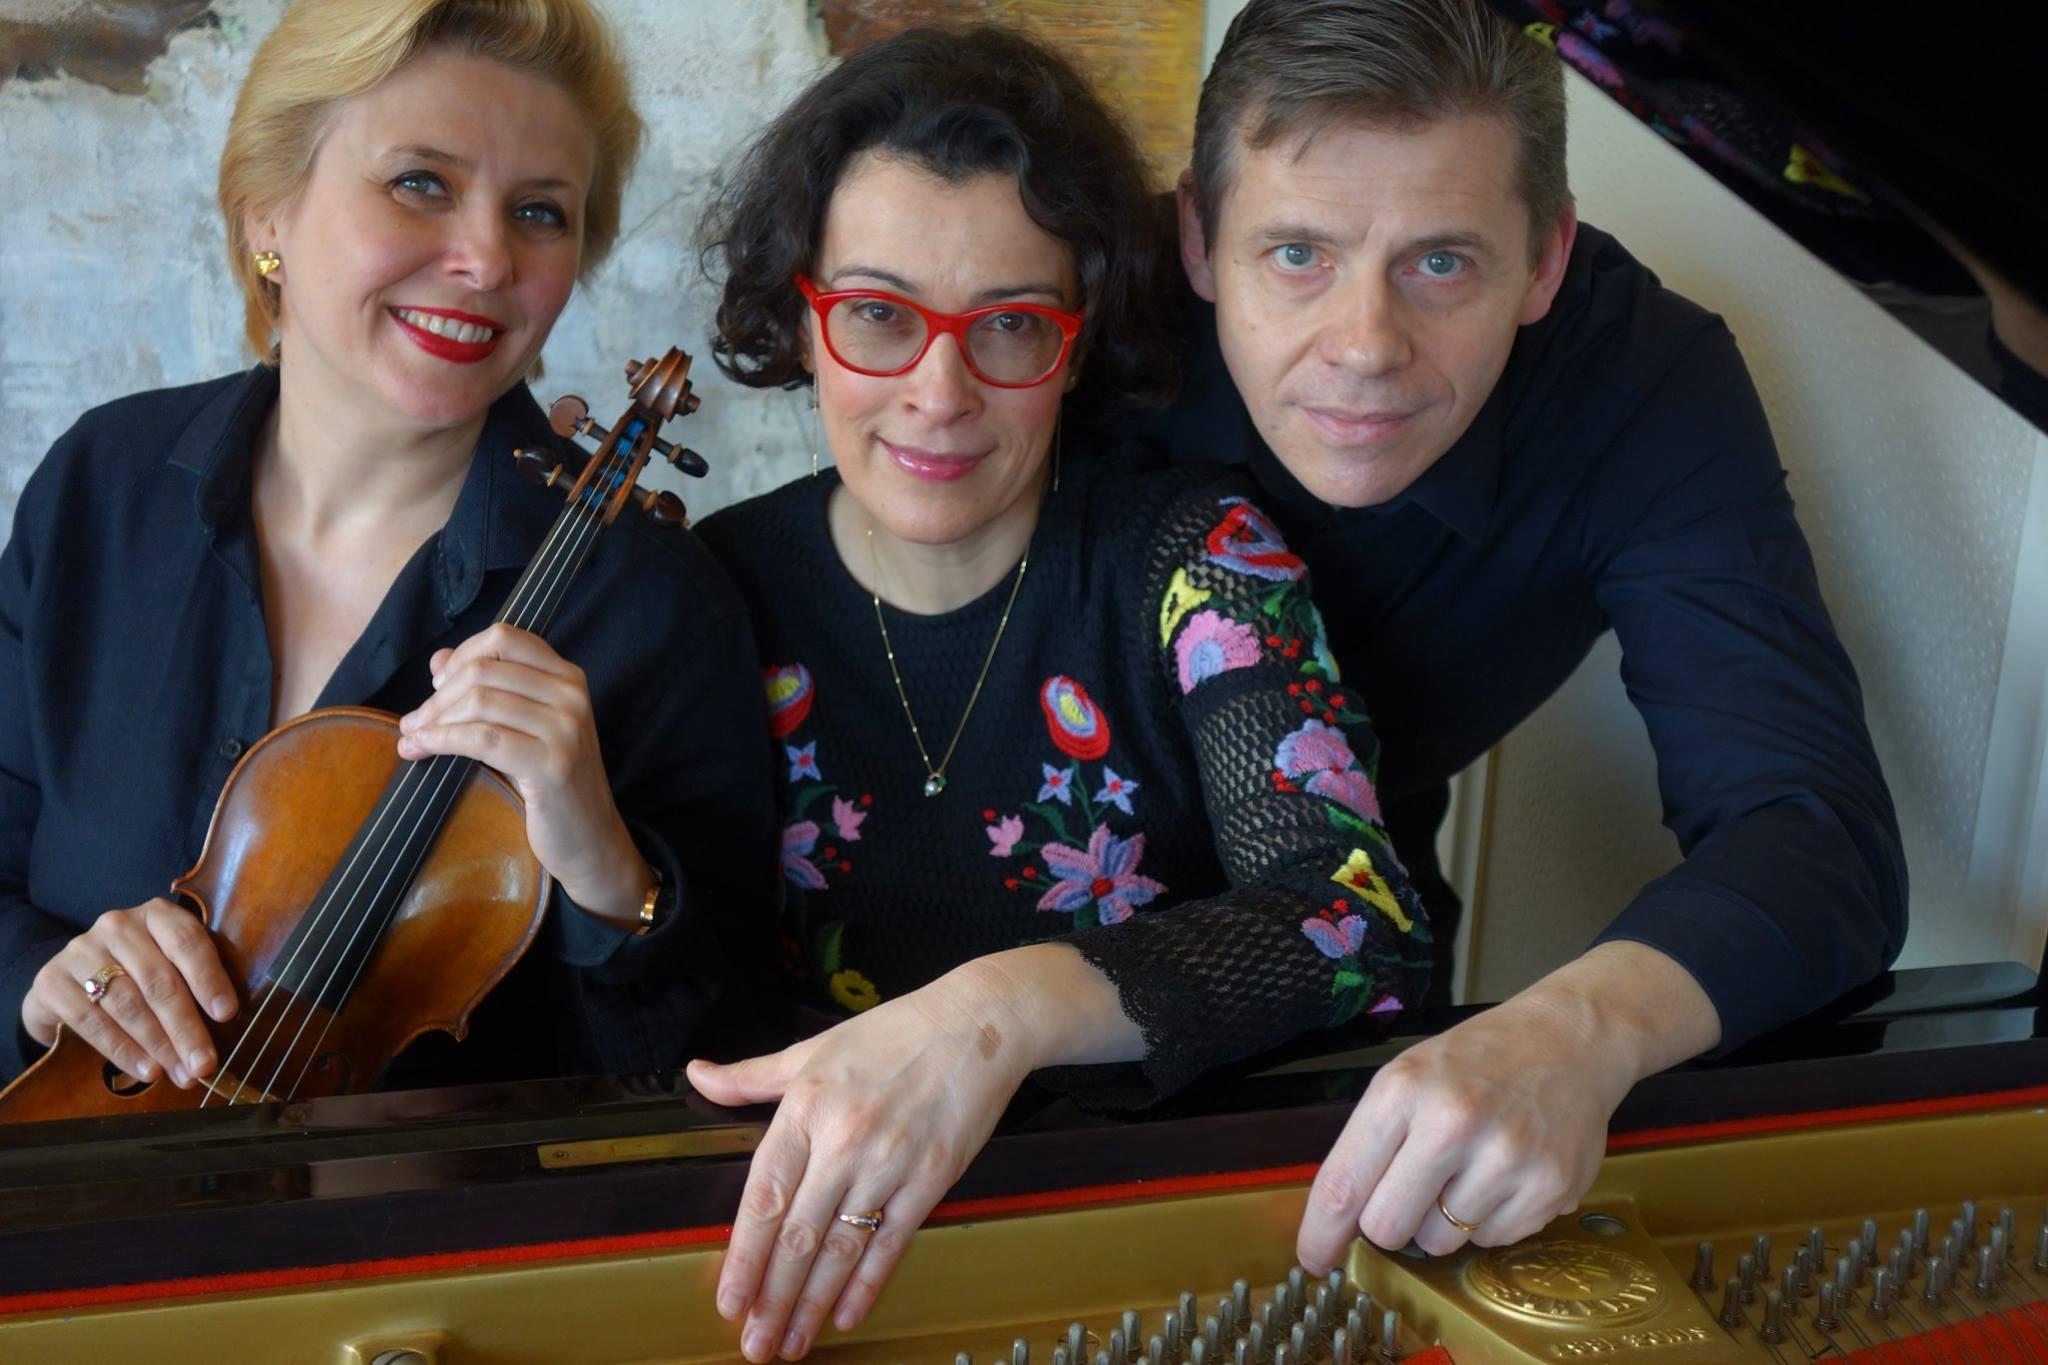 """Saforguia Revista – Trio continents """"Tradició i modernitat a través de la música"""""""